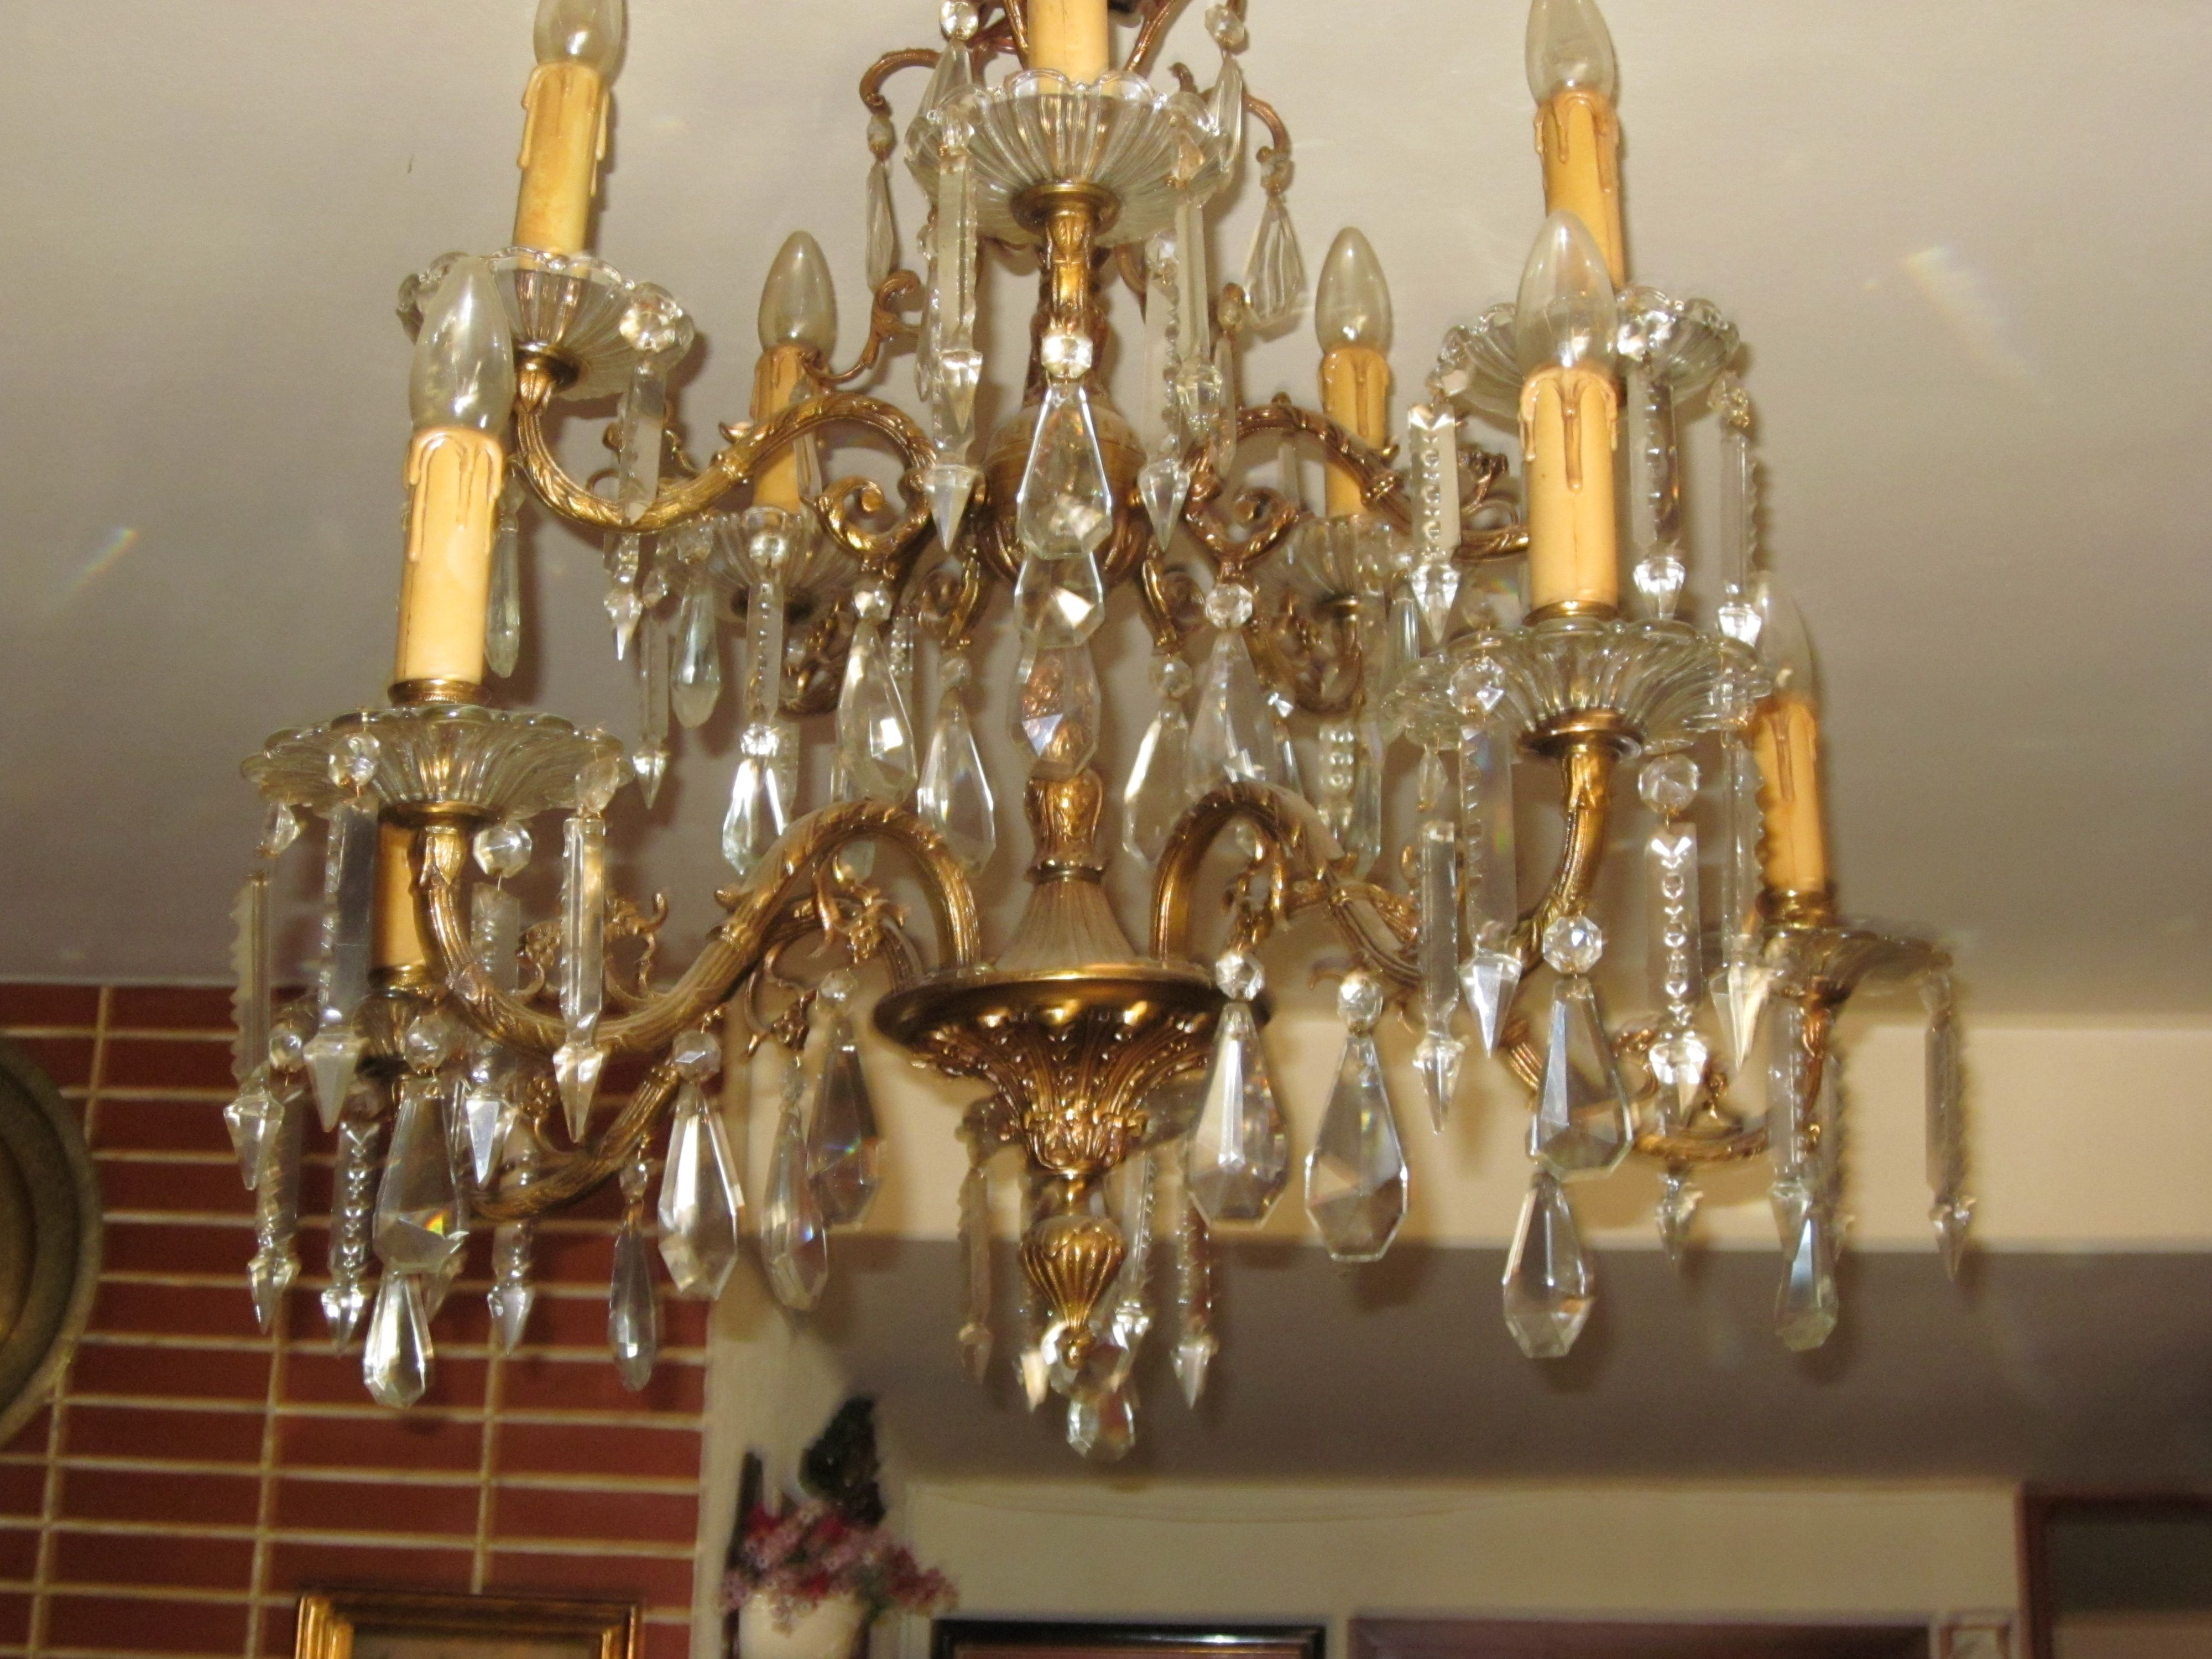 L mpara de techo tipo ara a de bronce y cristal a os 40 ara as pinterest a os 40 bronce - Tipos de lamparas de techo ...